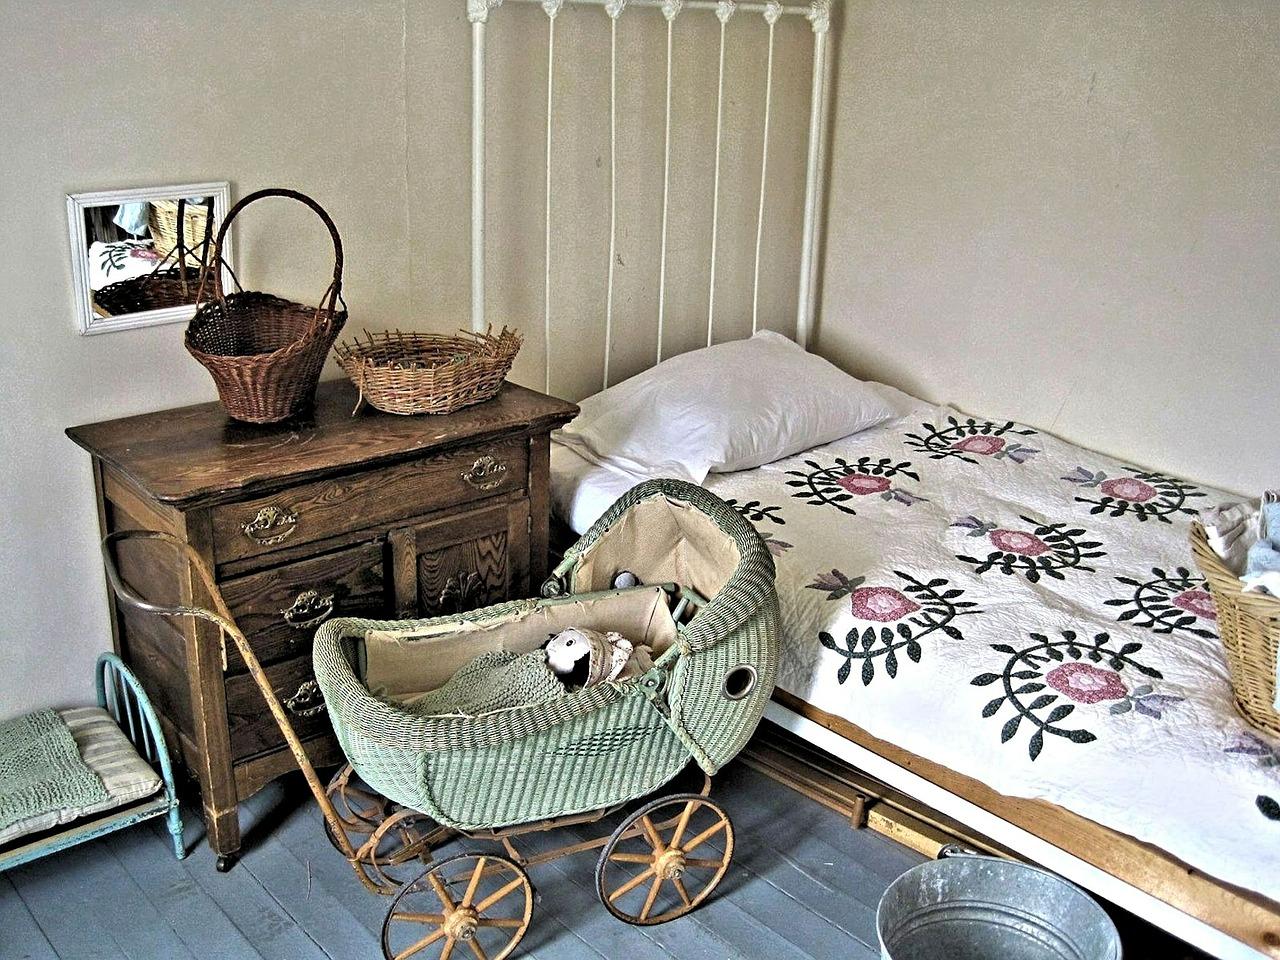 Bardzo dobryFantastyczny Pokój niemowlaka - 10 rzeczy, które koniecznie musisz mieć! TN44